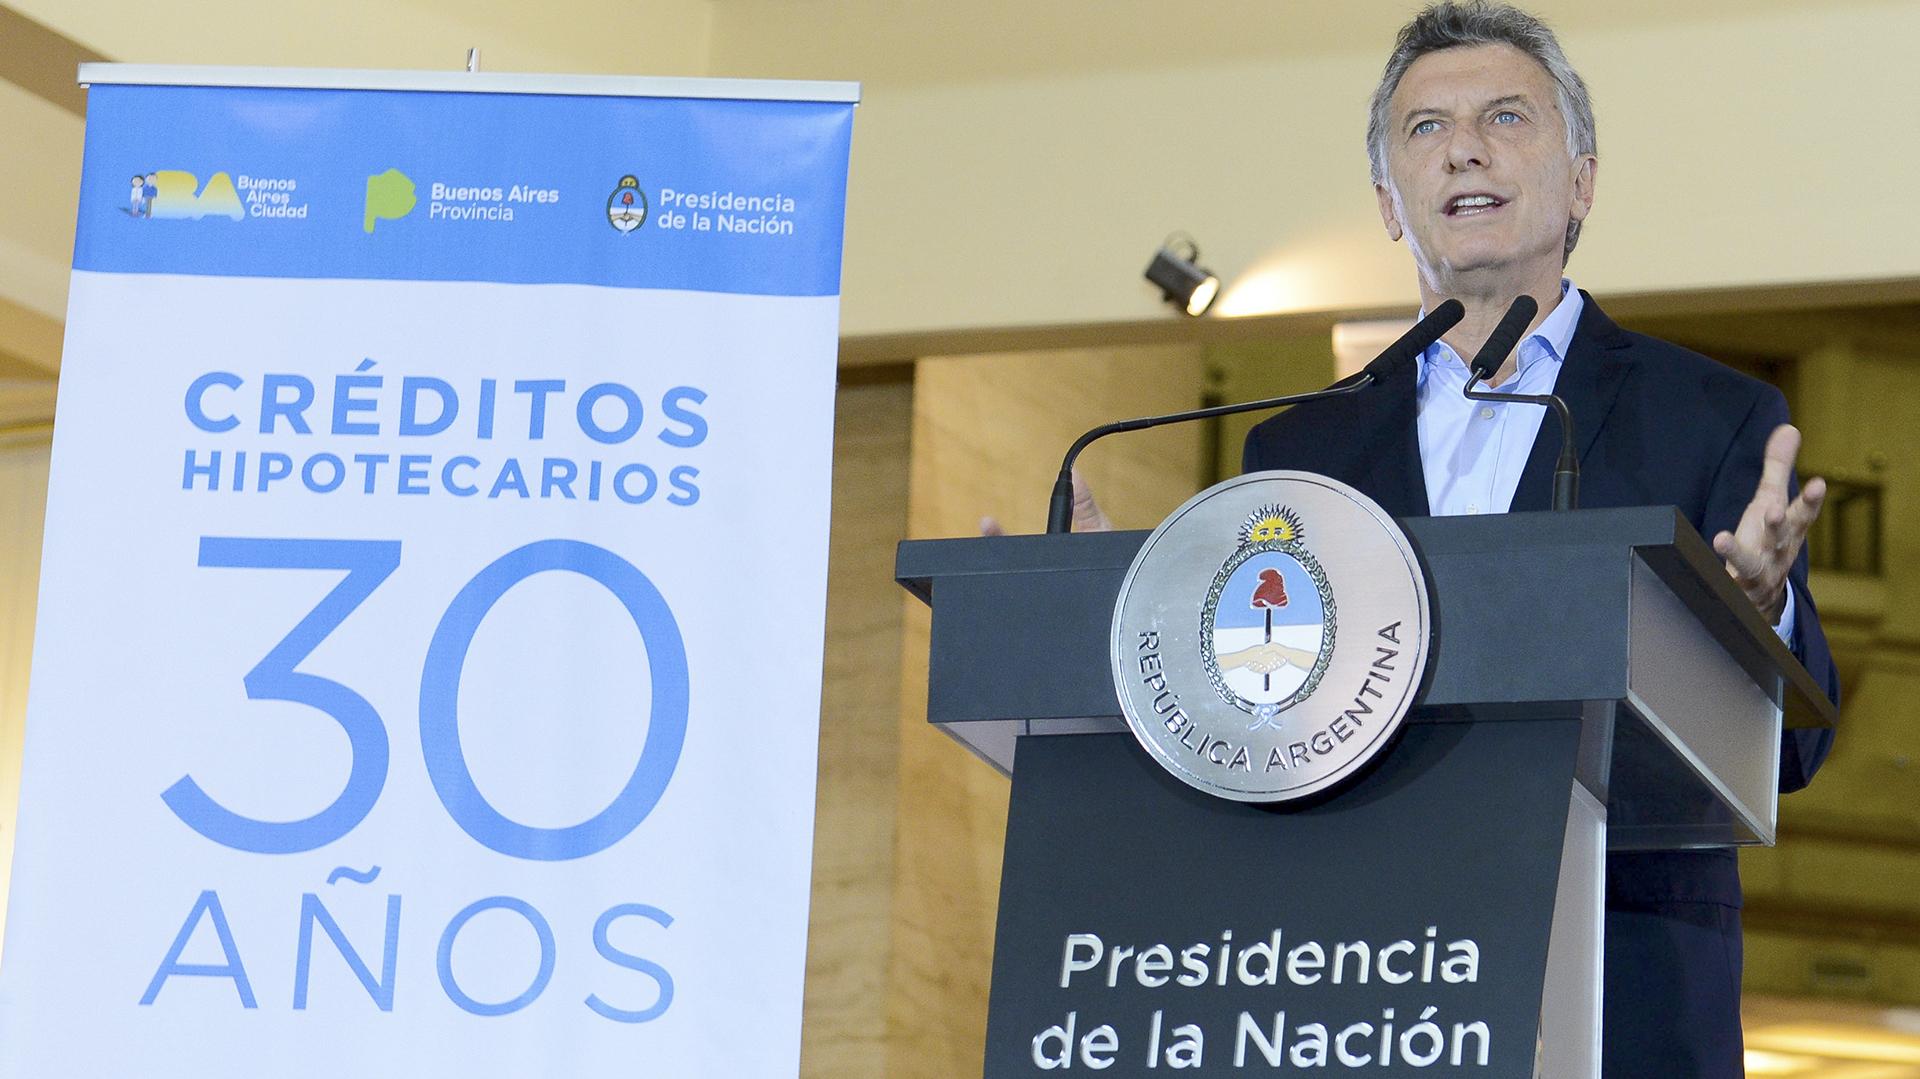 El presidente de la Nación Mauricio Macri